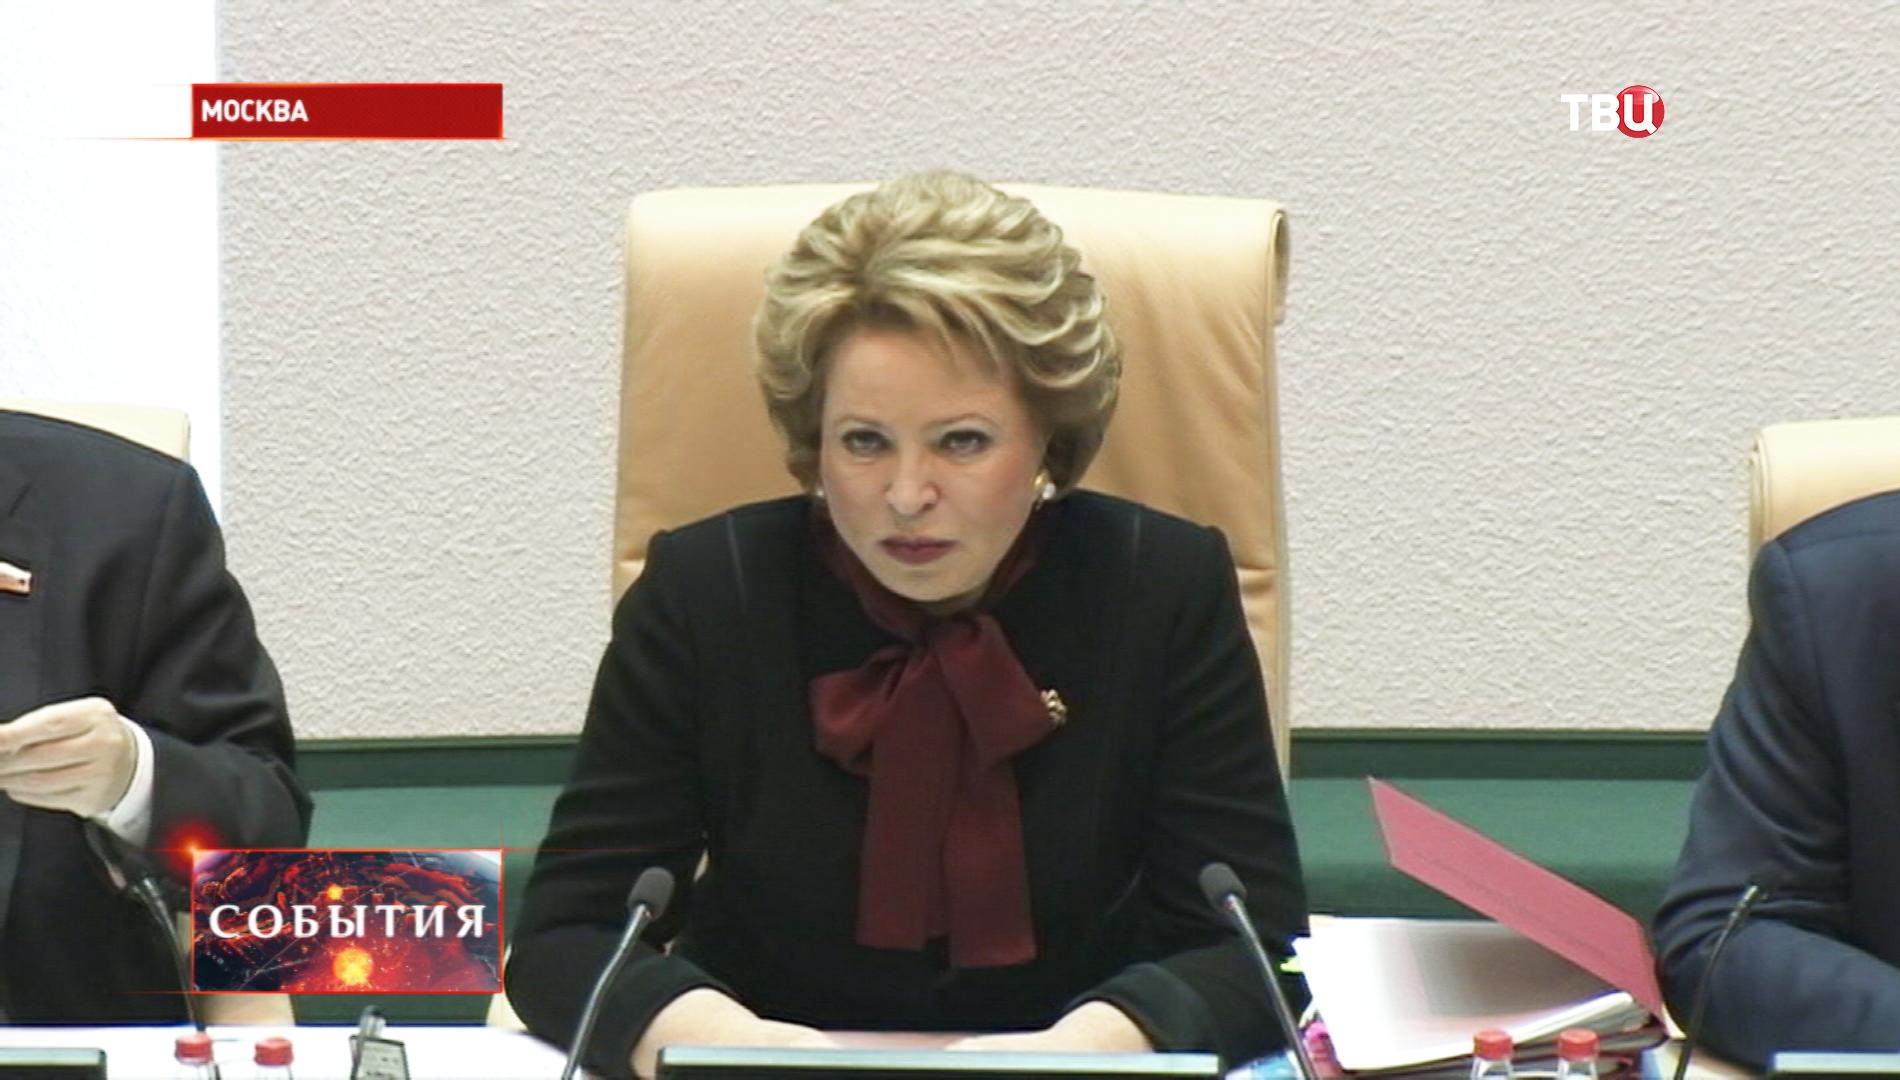 Валентина Матвиенко, спикер Совета Федерации